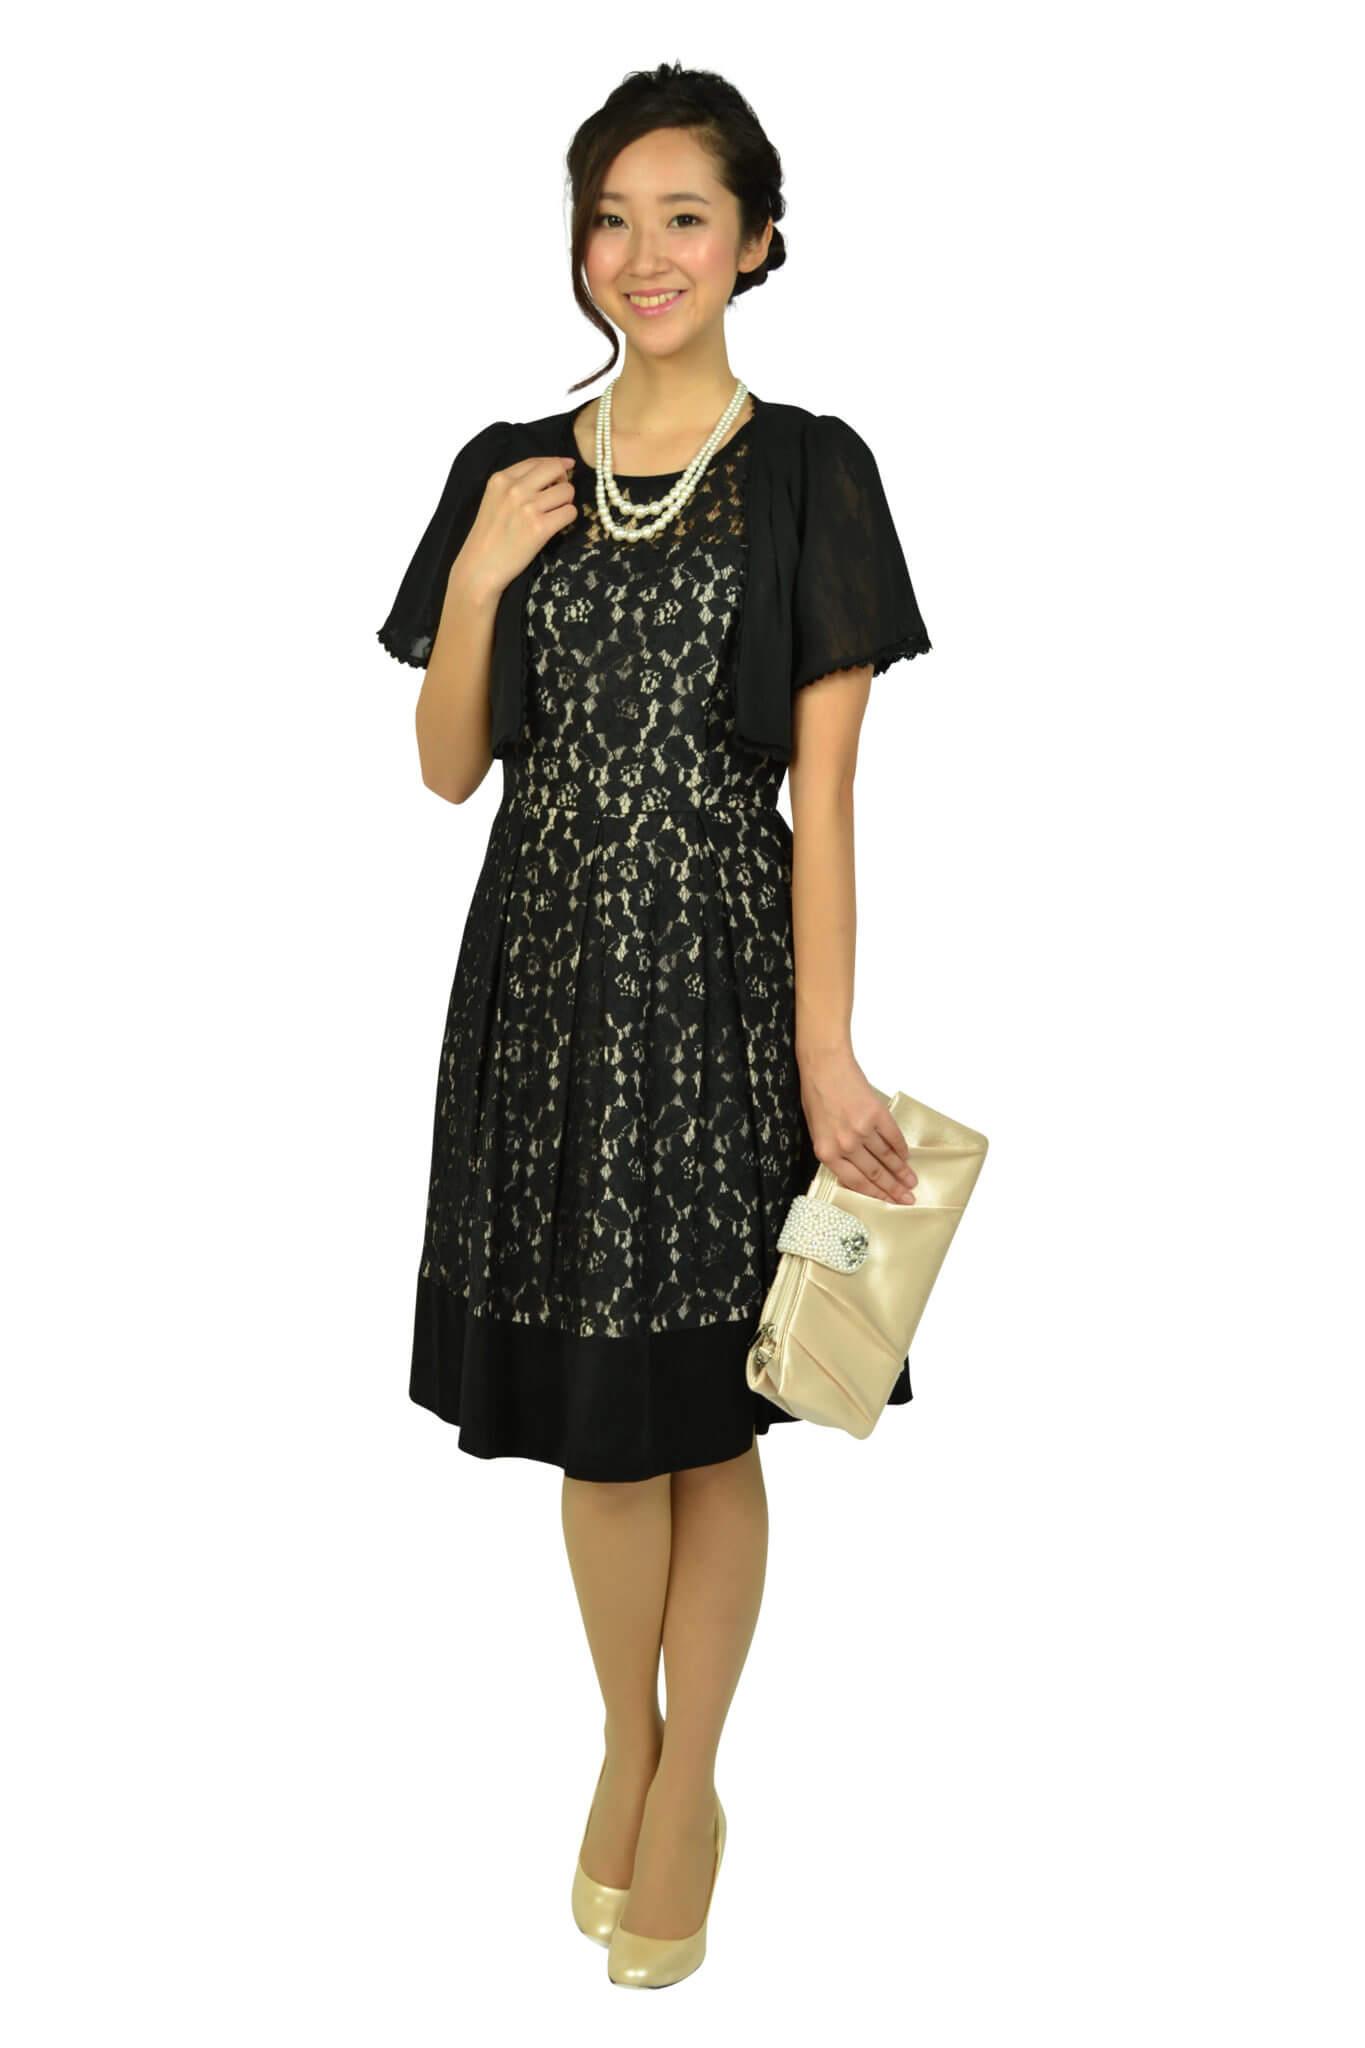 カルバンクライン (Calvin Klein)ブラックフラワーレースドレス